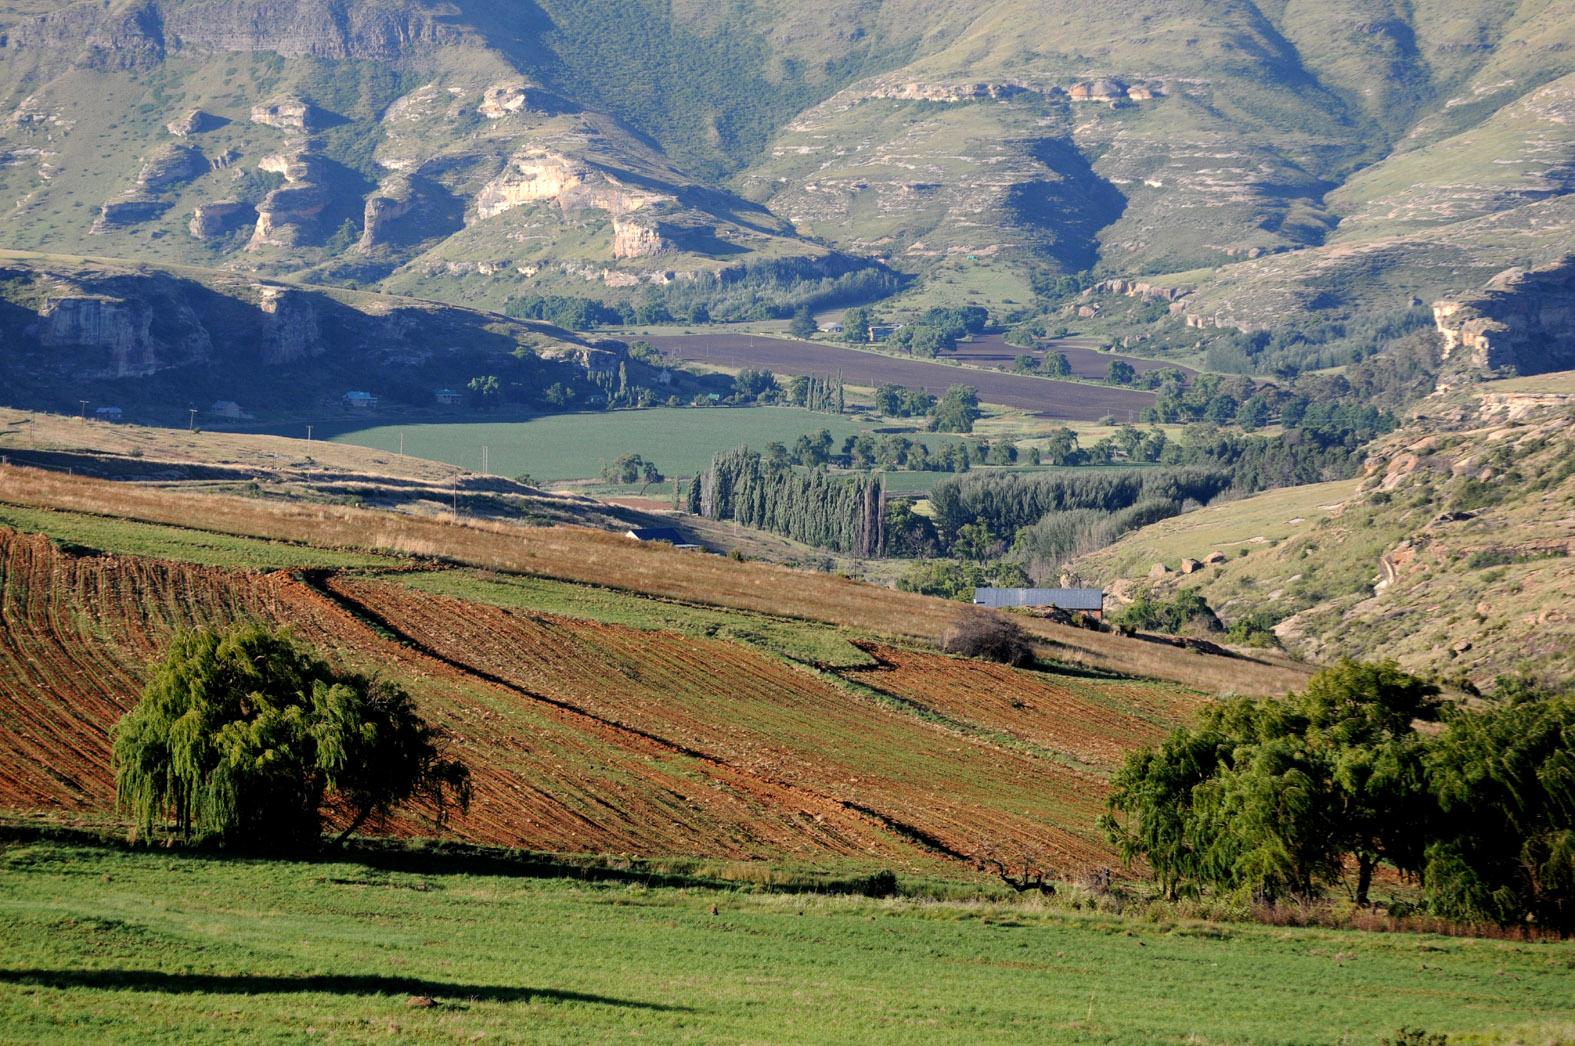 foto: Tom van der Leij van landschap Zuid-Afrika